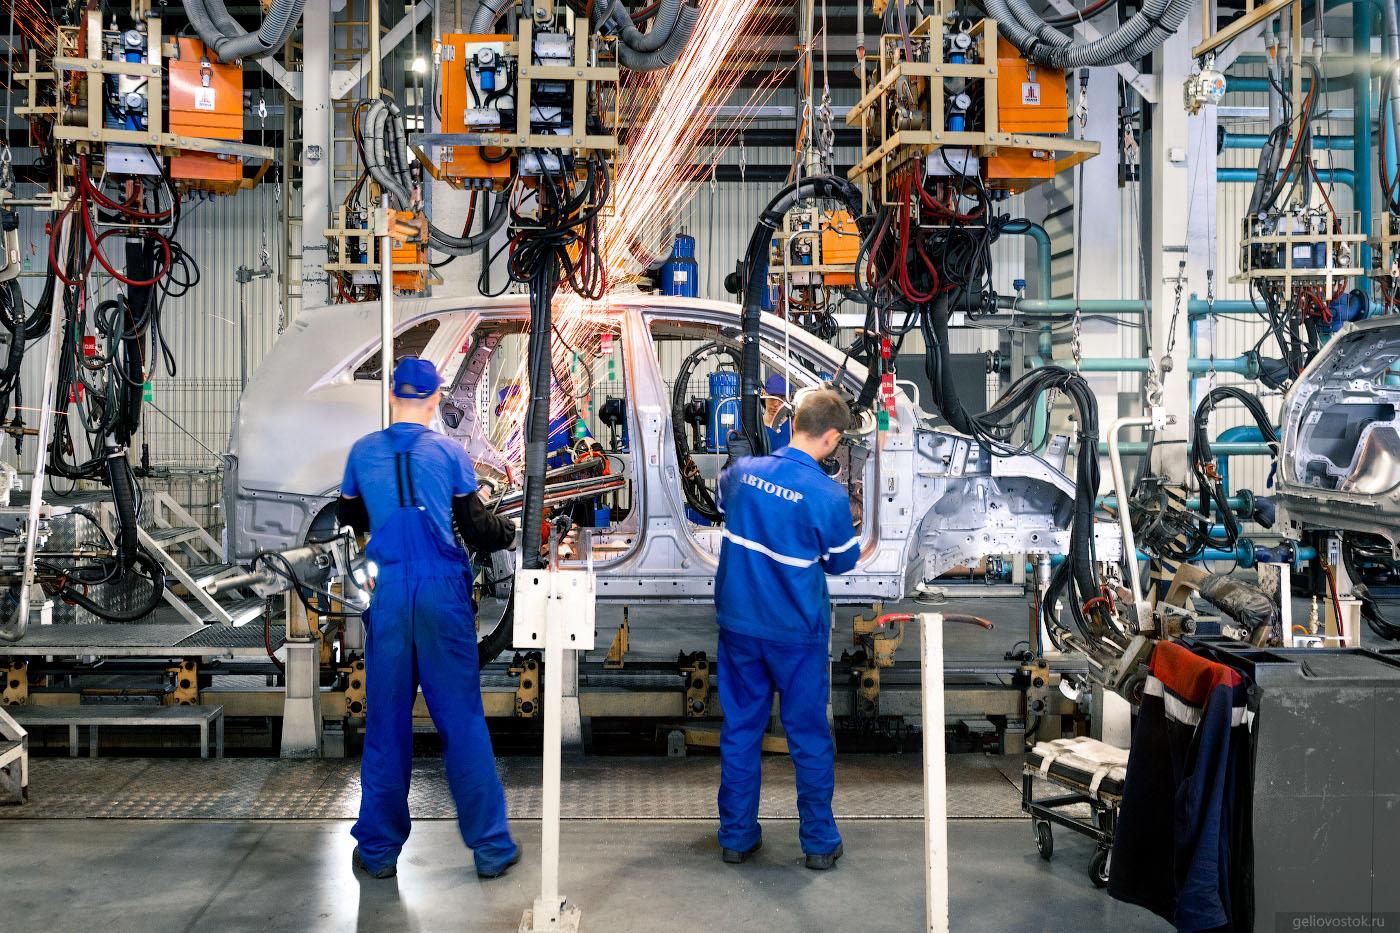 11 заводов за 2 года: холдинг «Автотор» инвестирует в строительство предприятий в Калининградской области